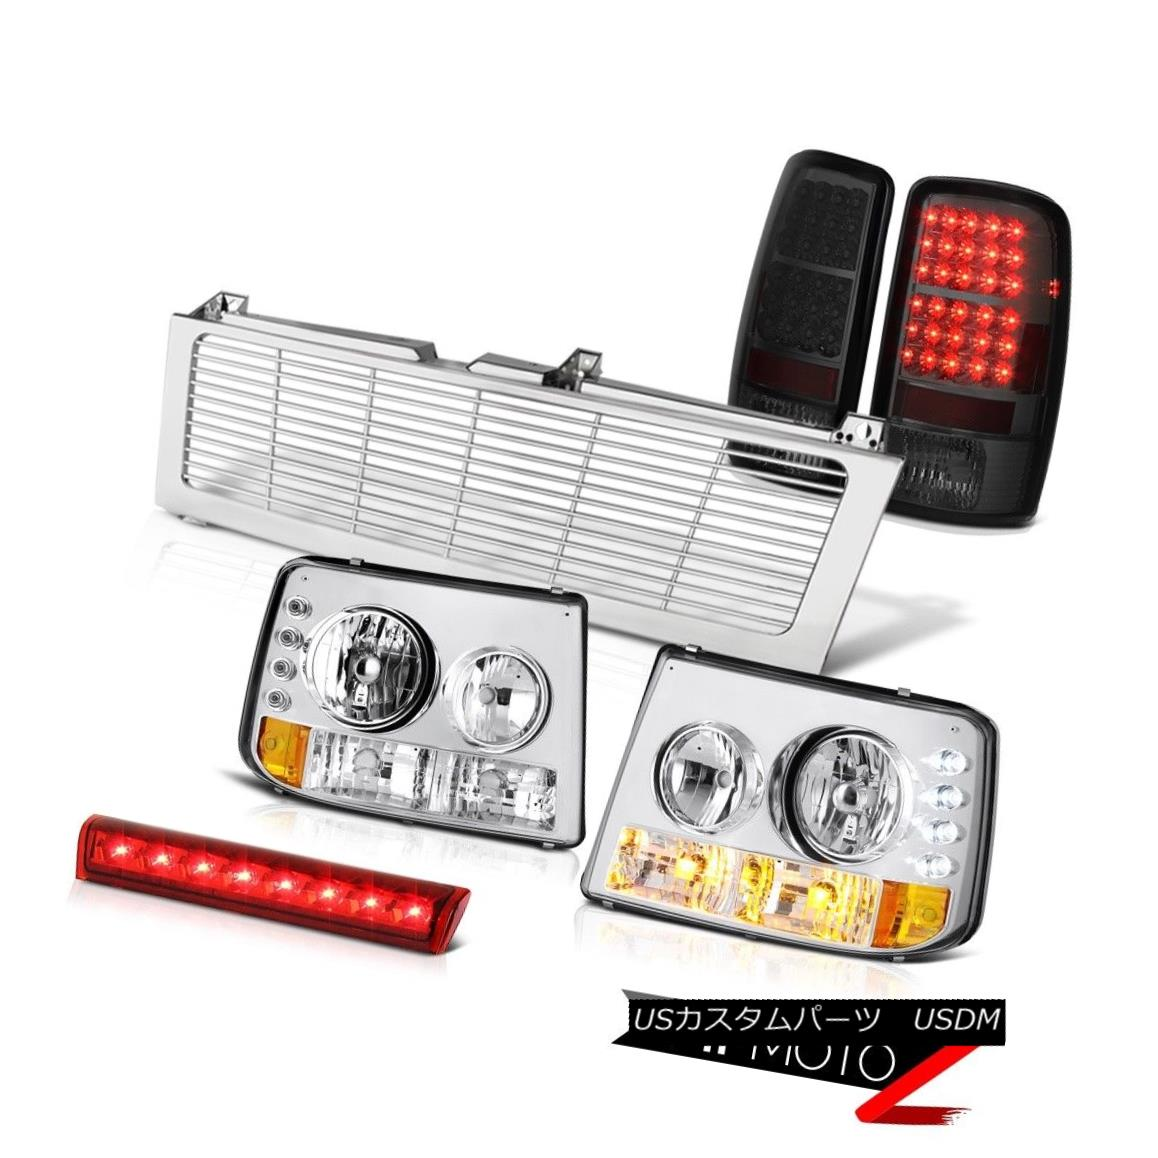 テールライト 2000-2006 Suburban Headlamps Smoke LED Taillight Red Third Brake Chrome Grille 2000-2006郊外ヘッドランプ煙LED懐中電灯赤い第3ブレーキクロームグリル